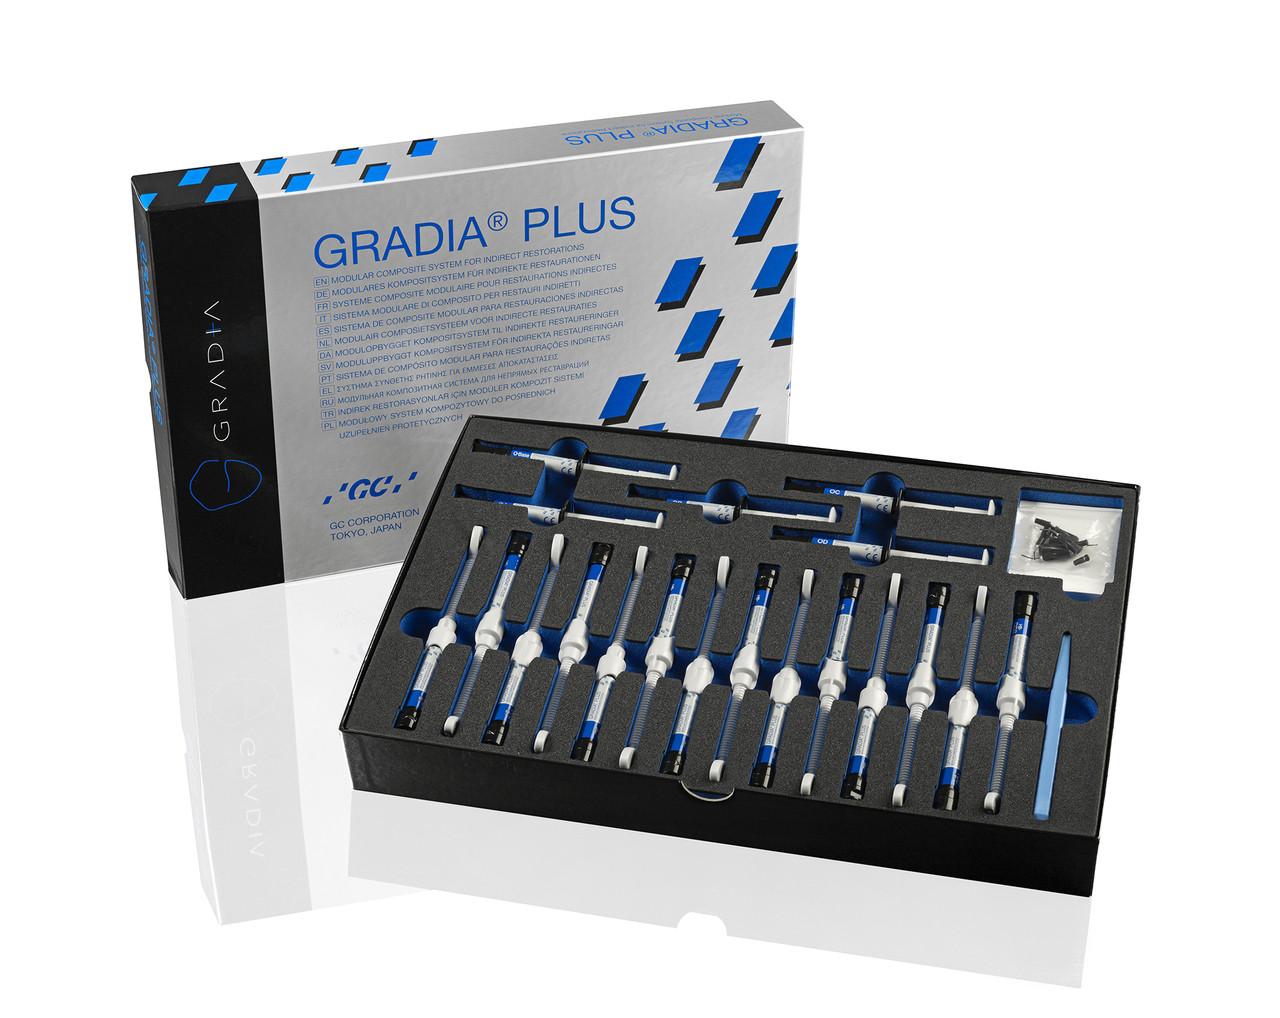 GRADIA PLUS - Brush - Flat #1, 10 pieces